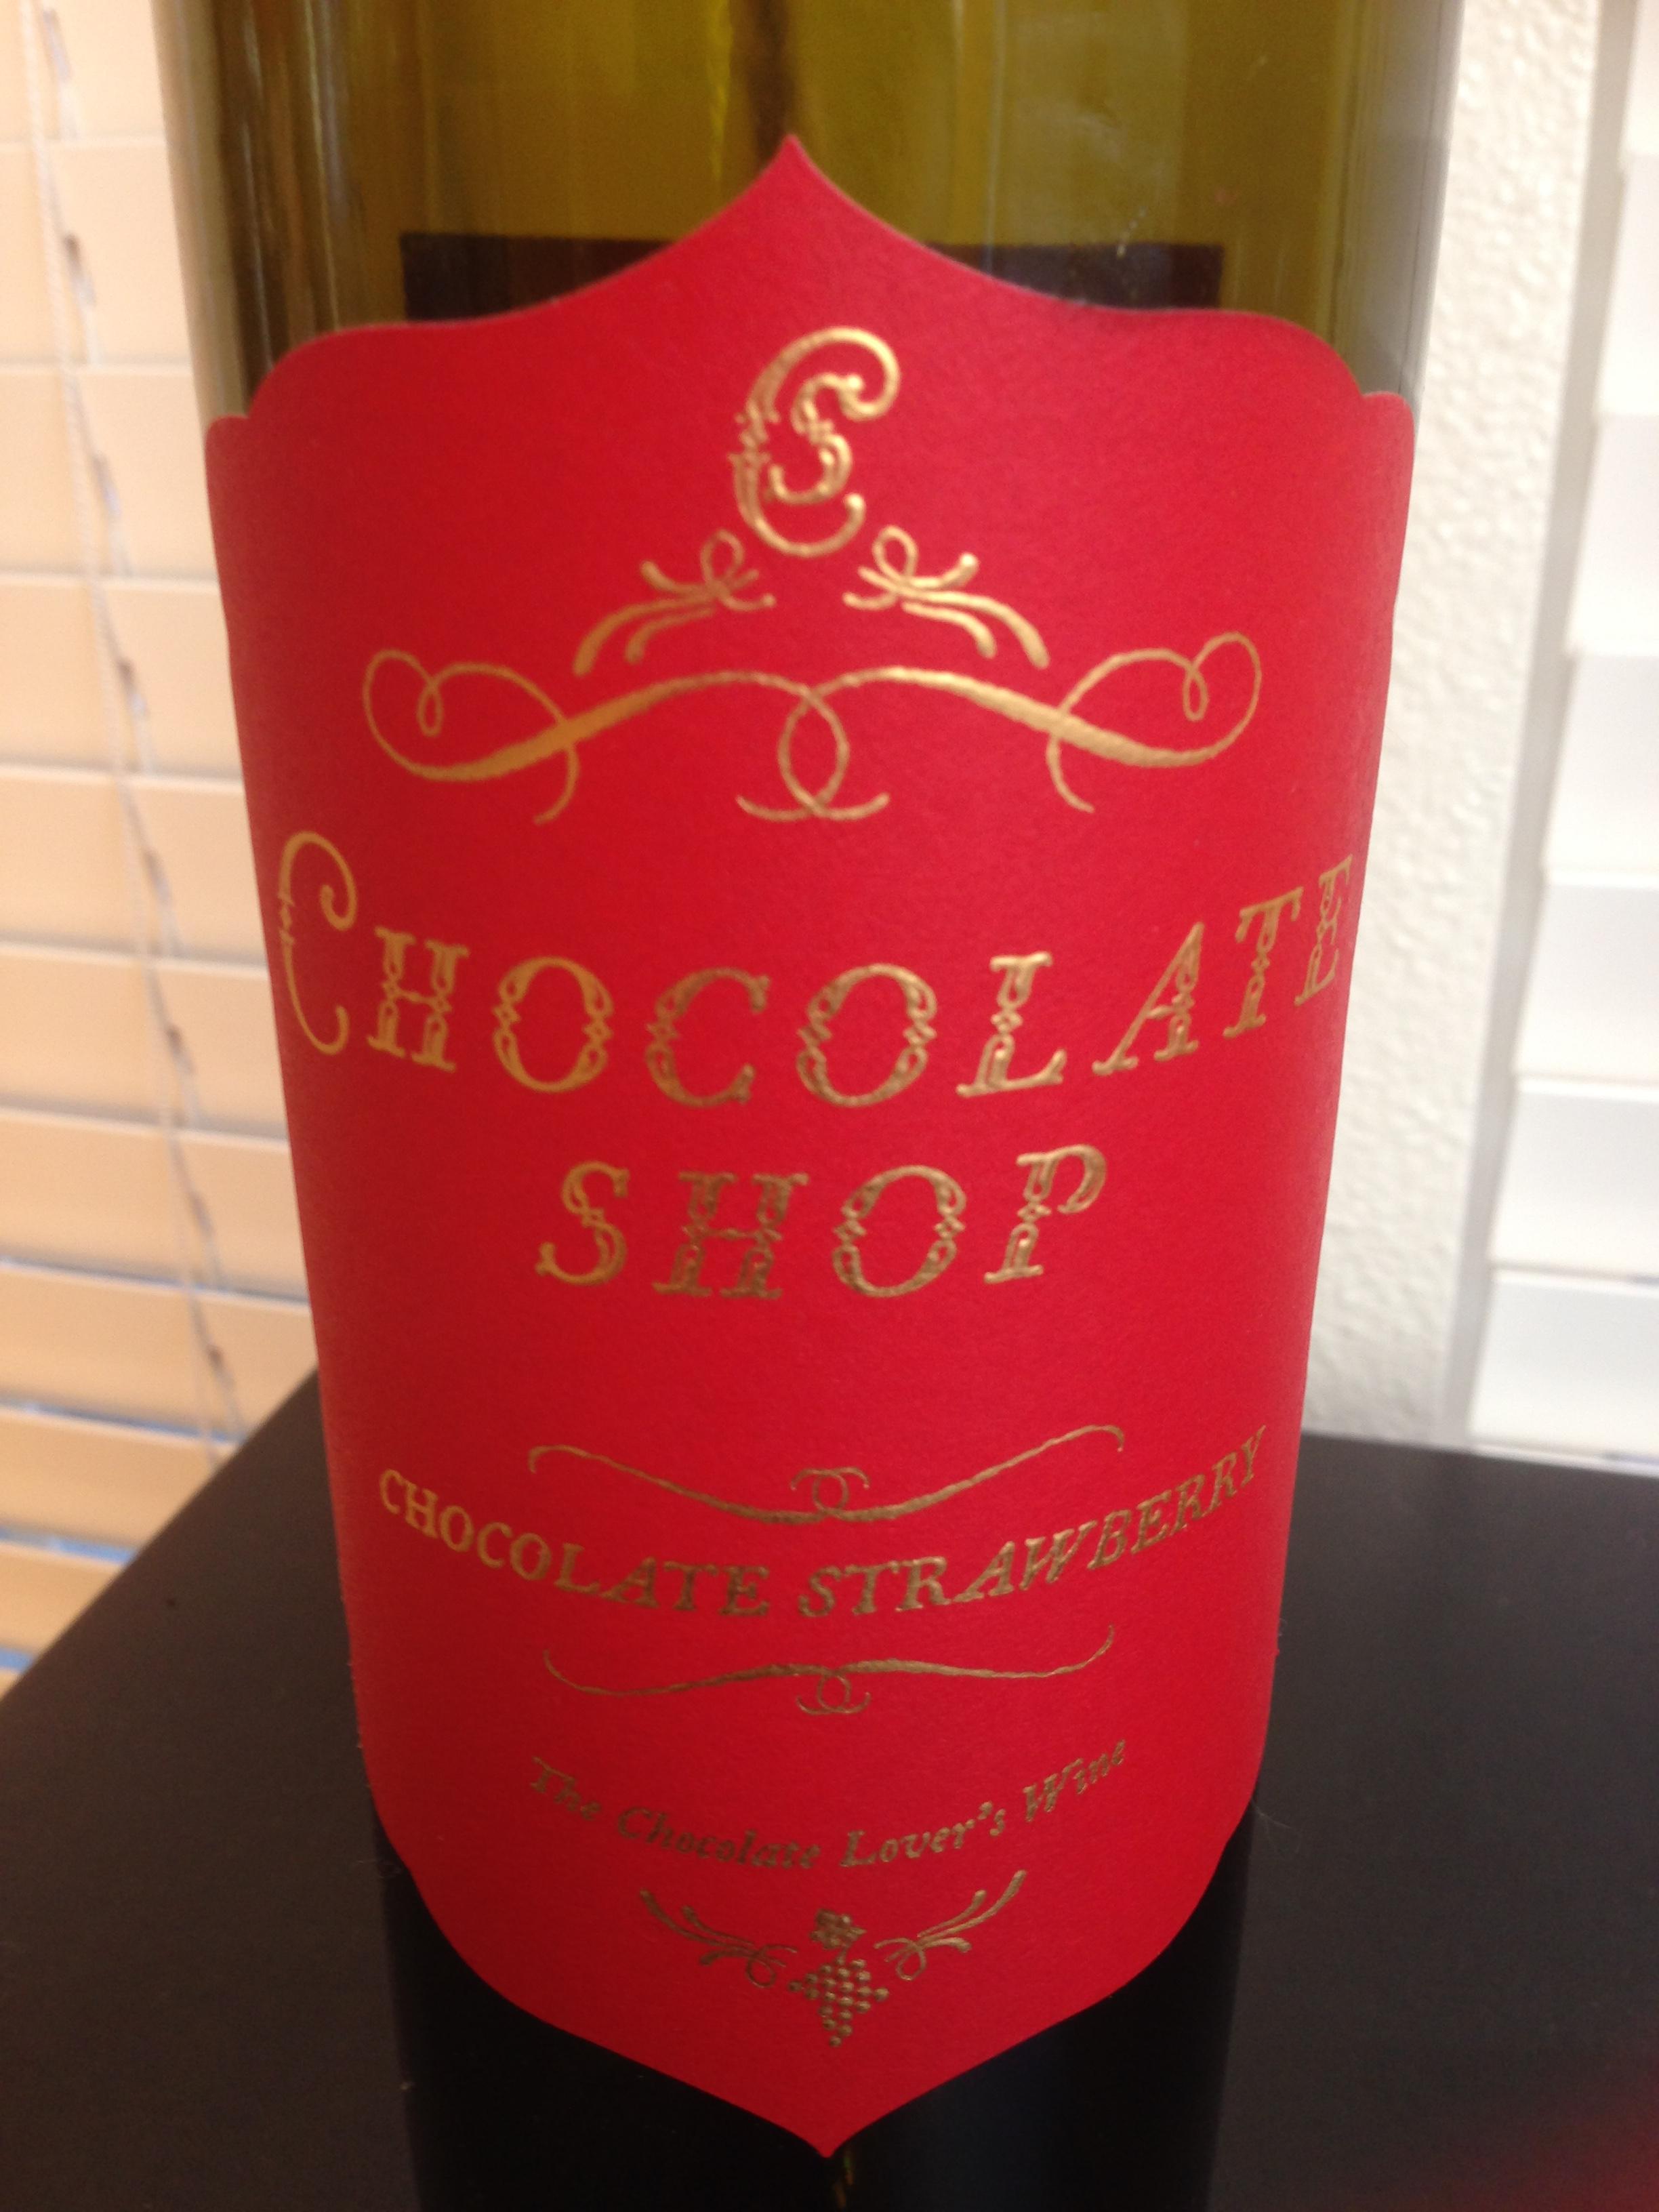 Chocolate Shop Strawberry Wine NV | The Vino Duo